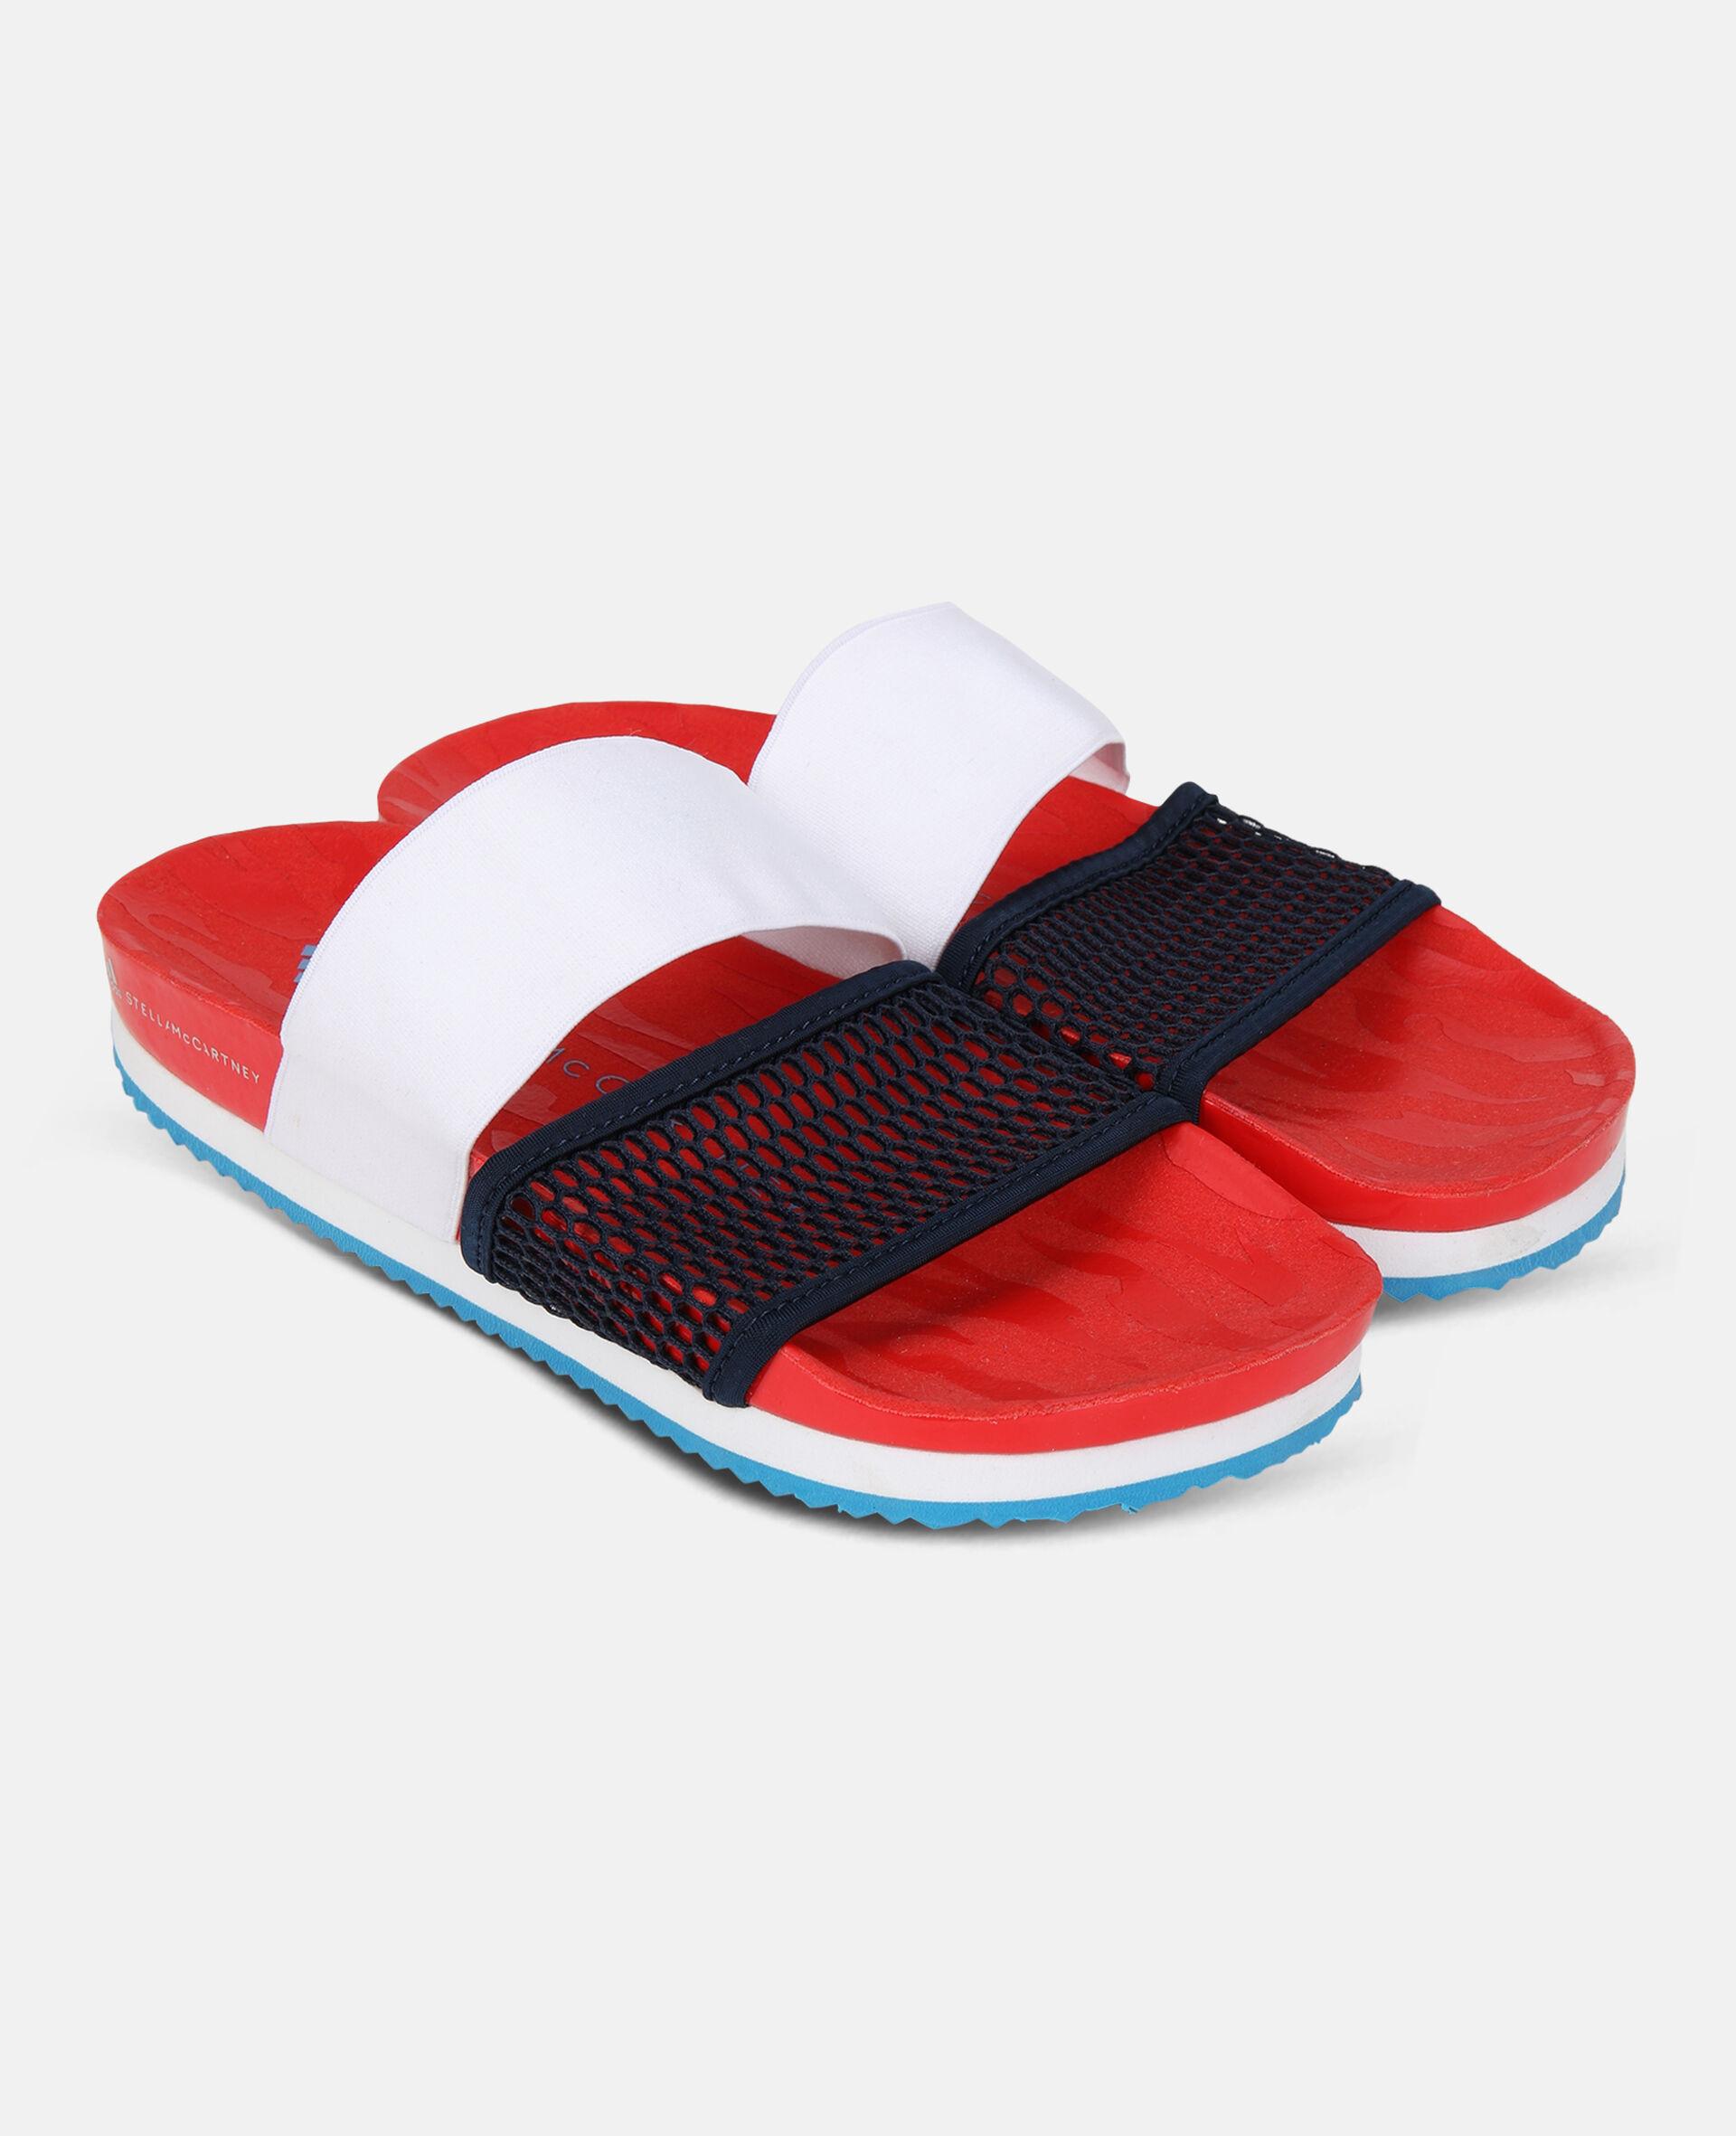 Red Slides-Red-large image number 1